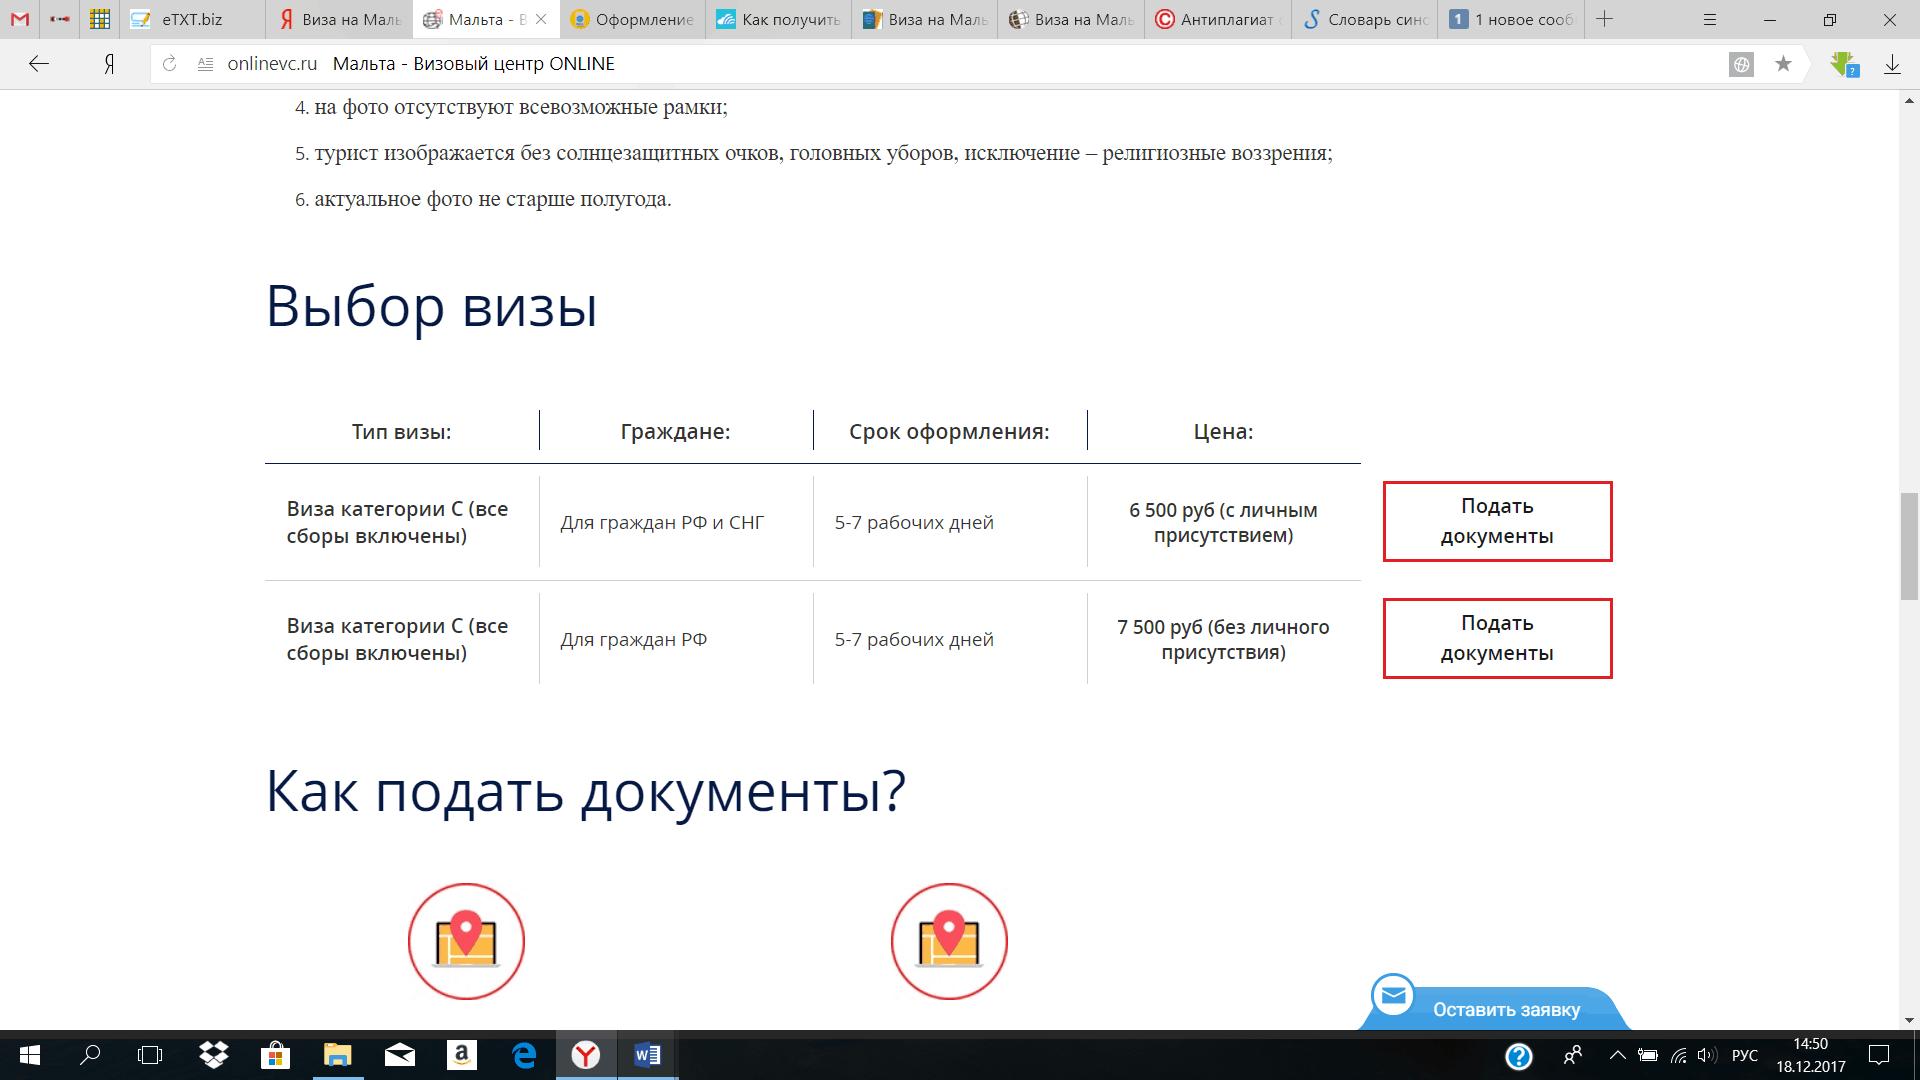 Выбор визы